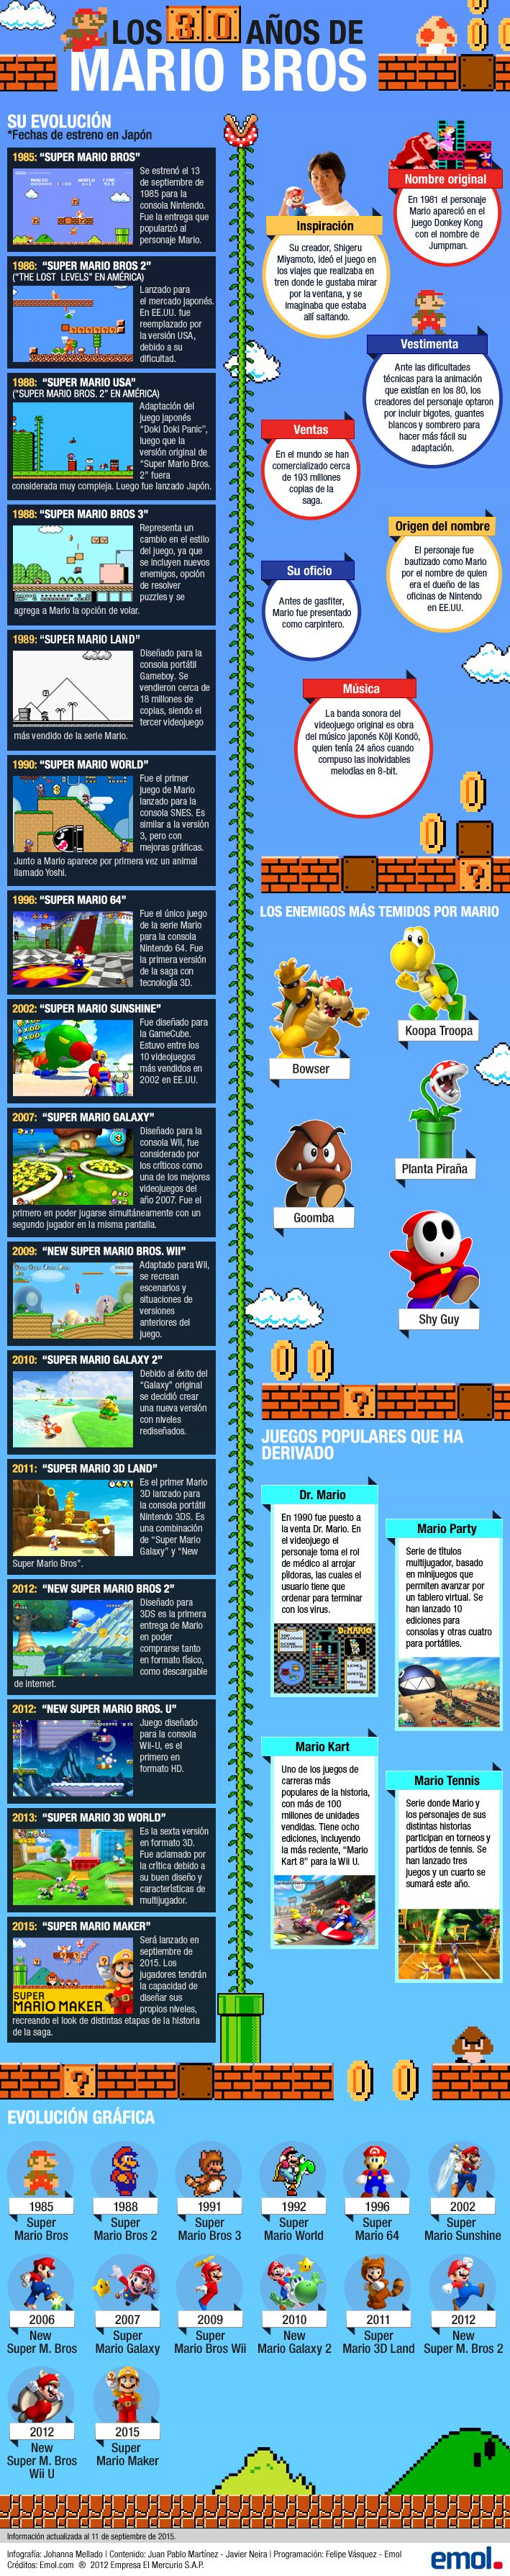 El personaje, creado por Shigeru Miyamoto, cambió para siempre el mundo de los videojuegos. En su cumpleaños número 30, conoce su historia y evolución.